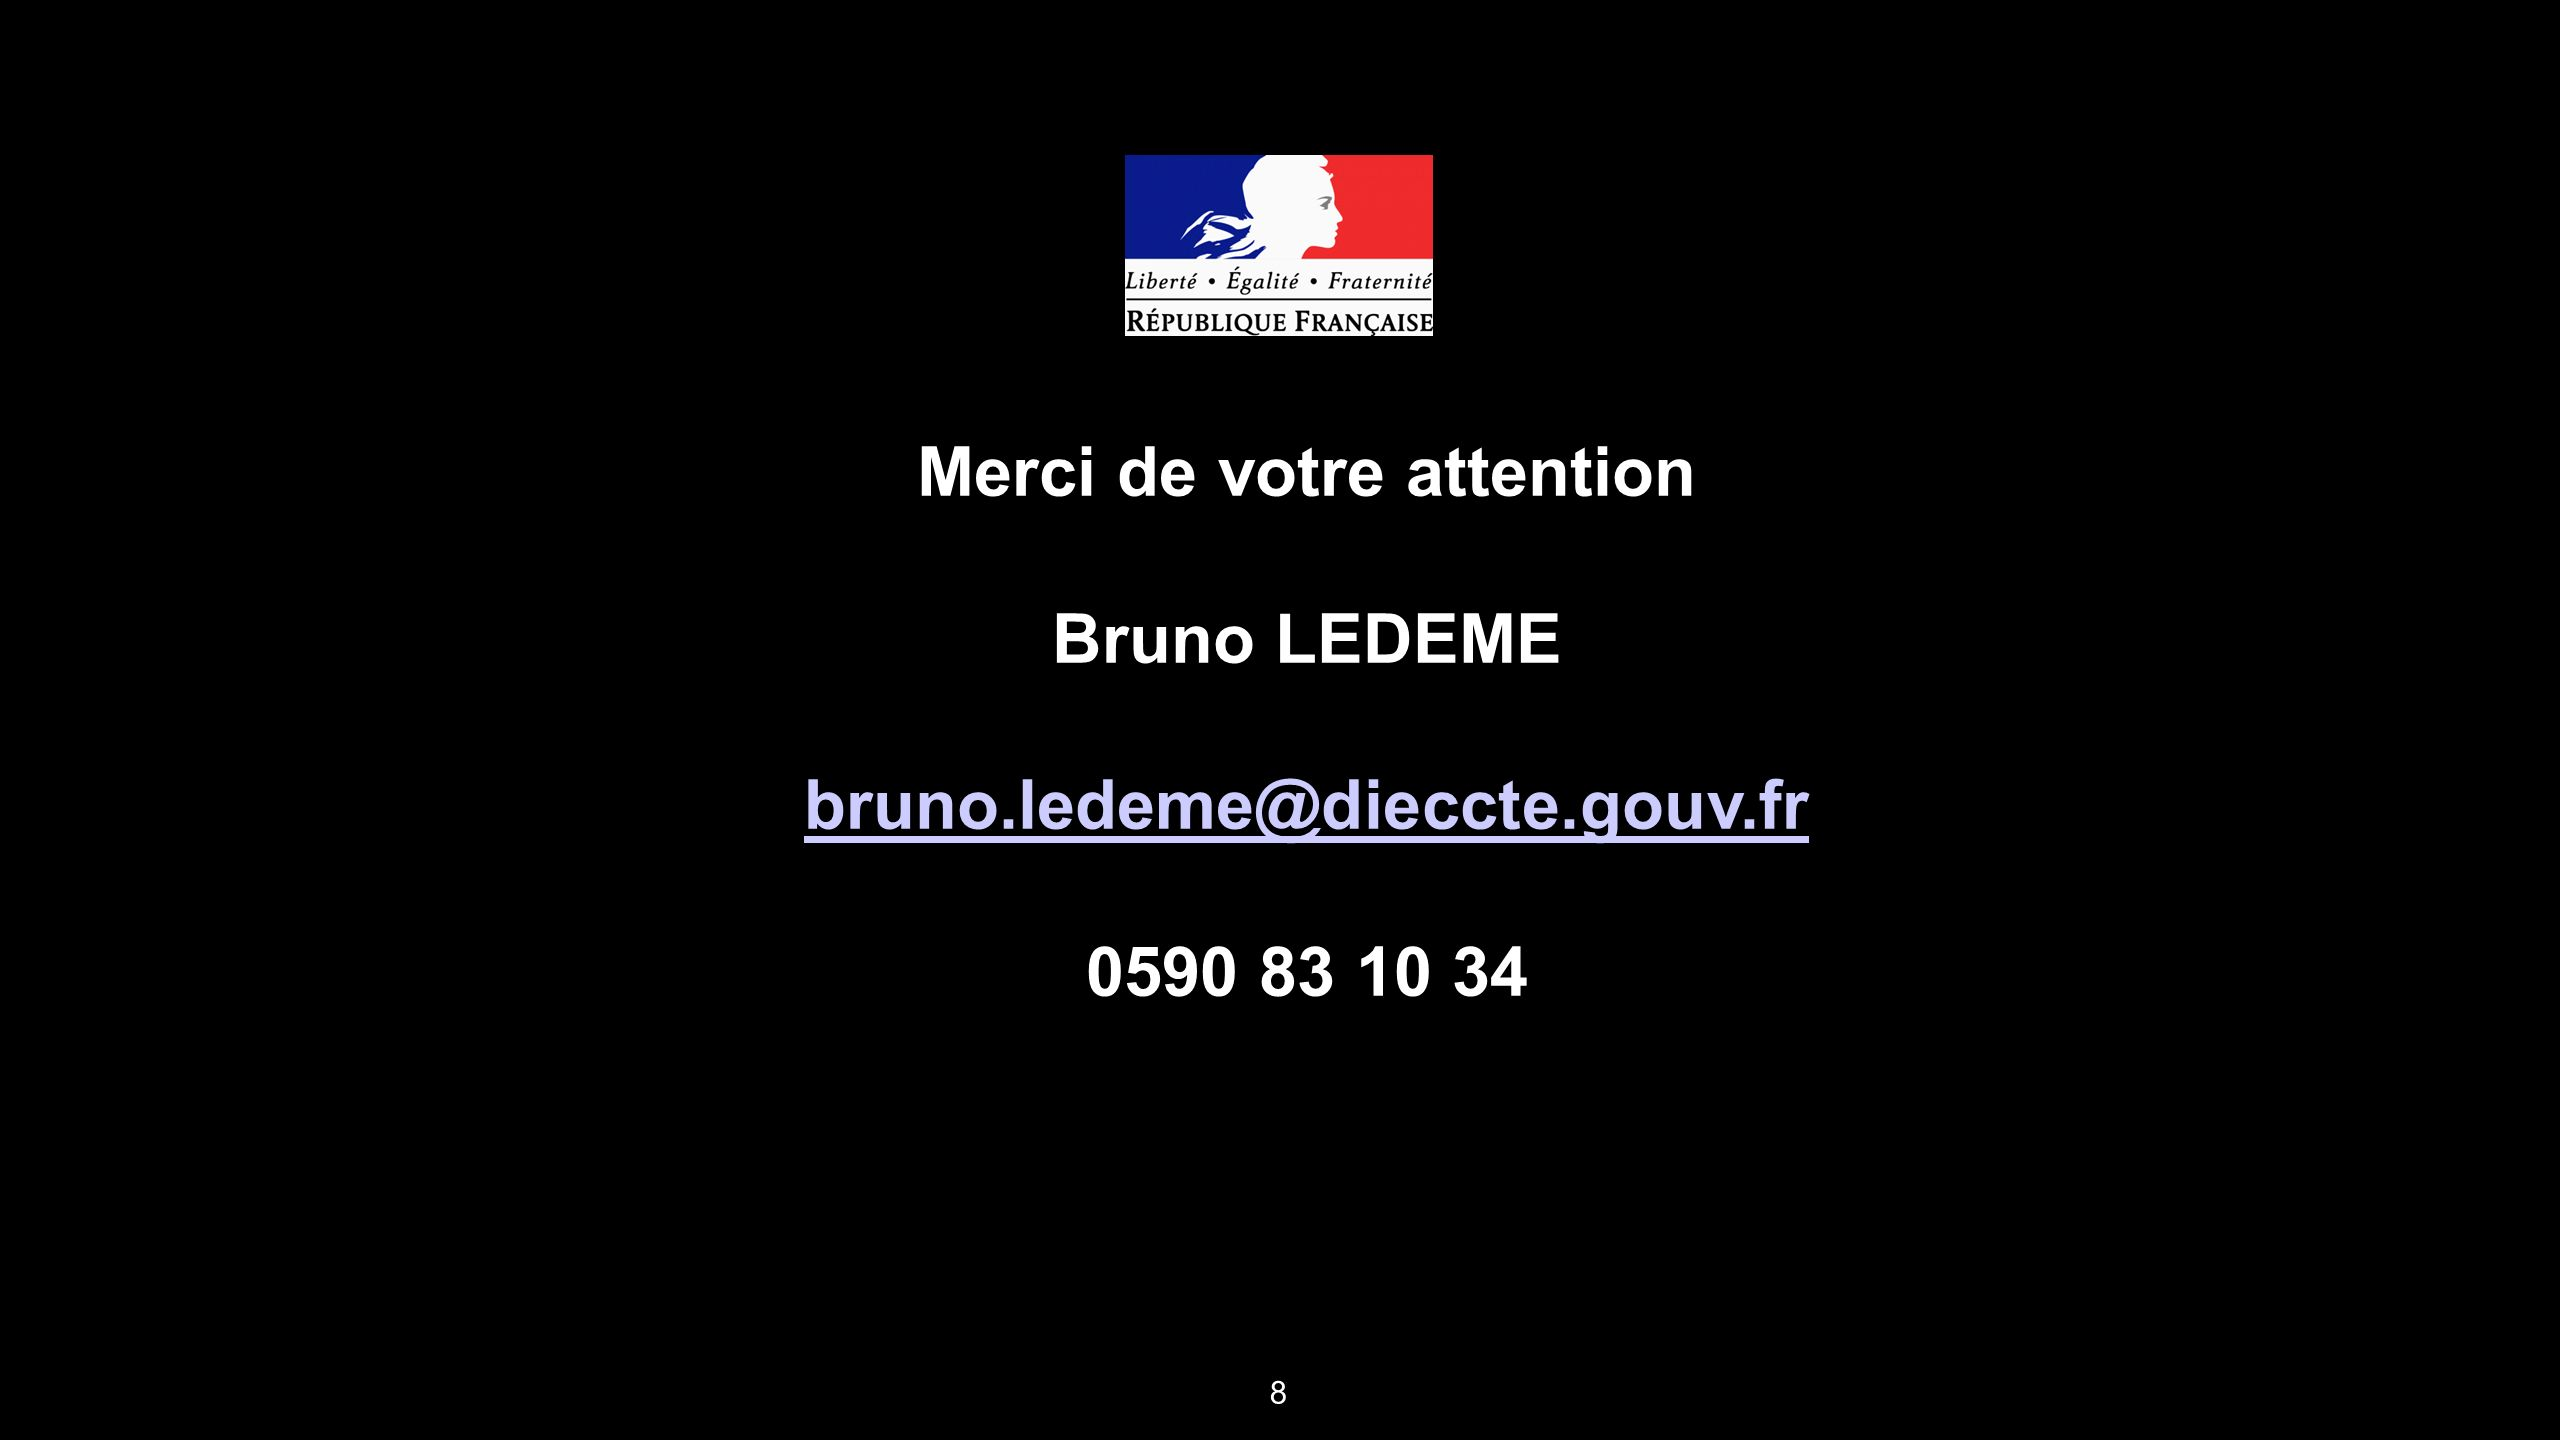 8 Merci de votre attention Bruno LEDEME bruno.ledeme@dieccte.gouv.fr 0590 83 10 34